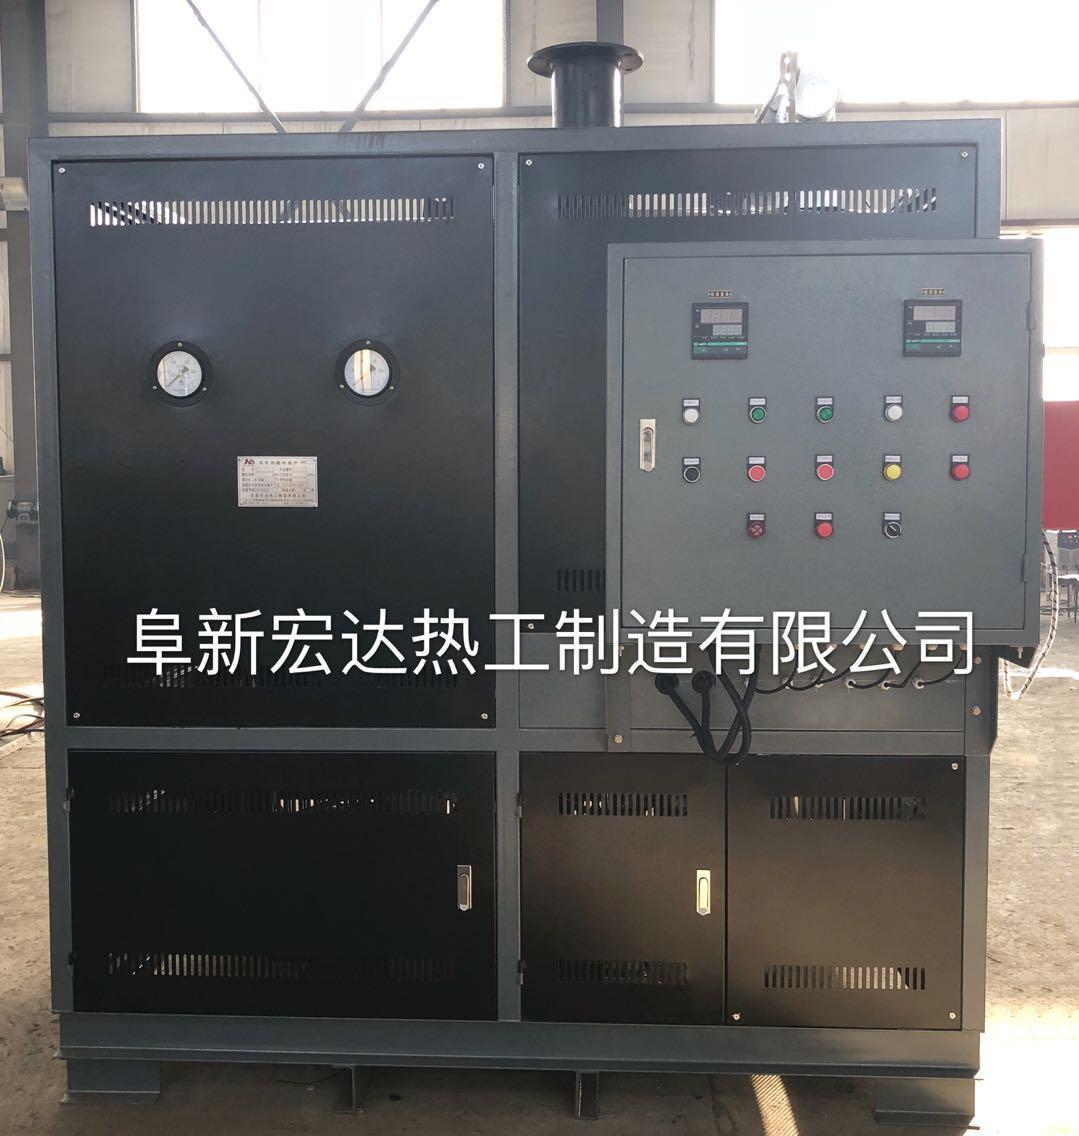 燃油am8集团网站炉